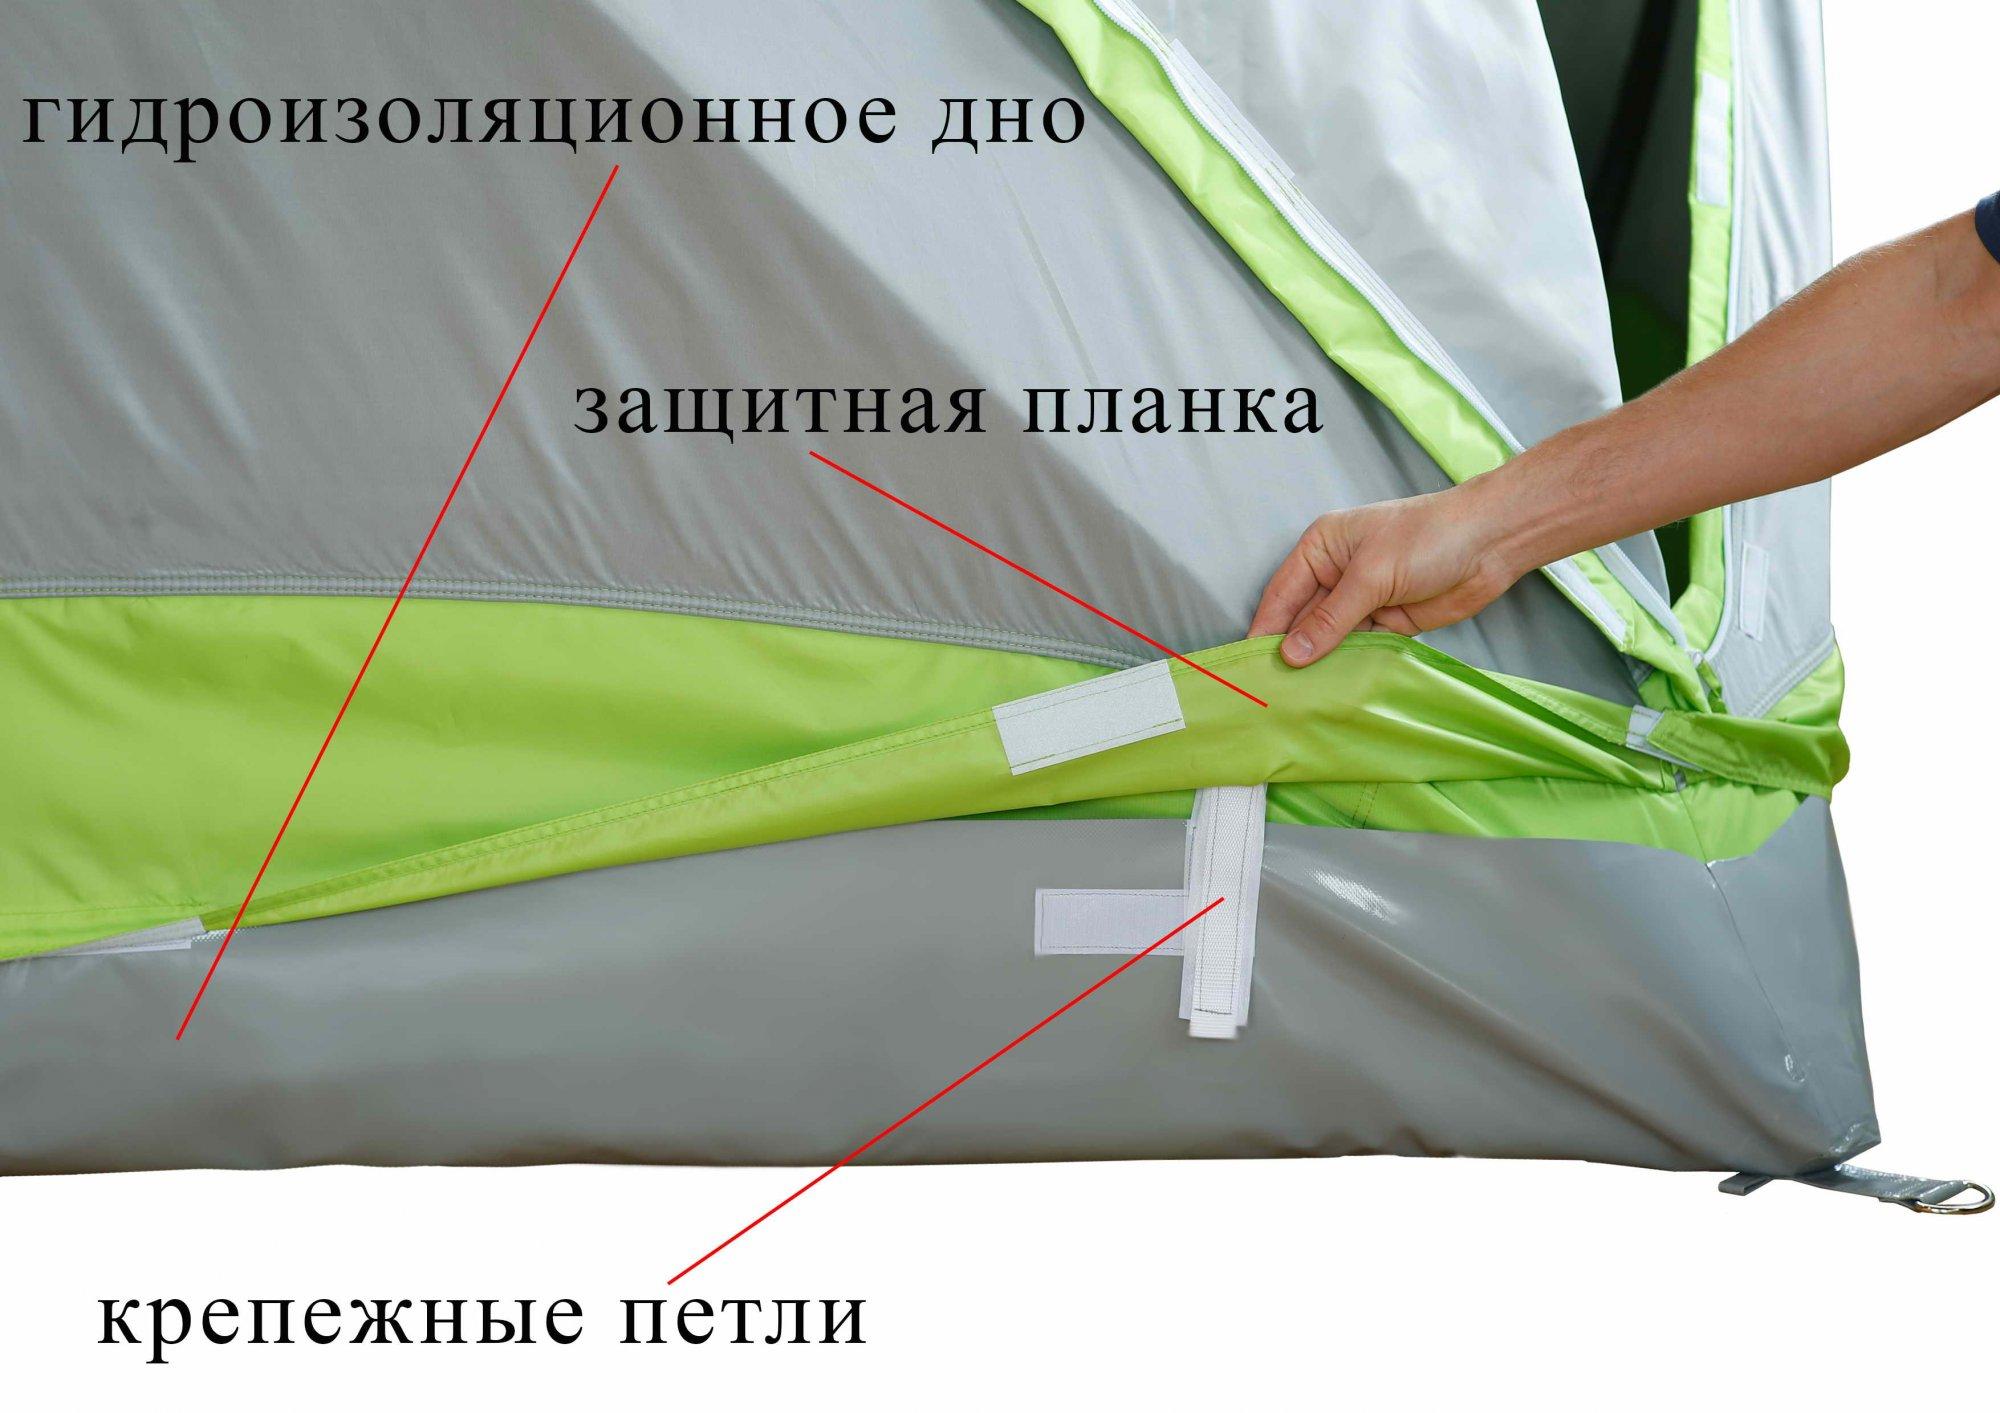 Зимняя палатка ЛОТОС Куб М2 Термо_крепления на гидроизоляционное дно